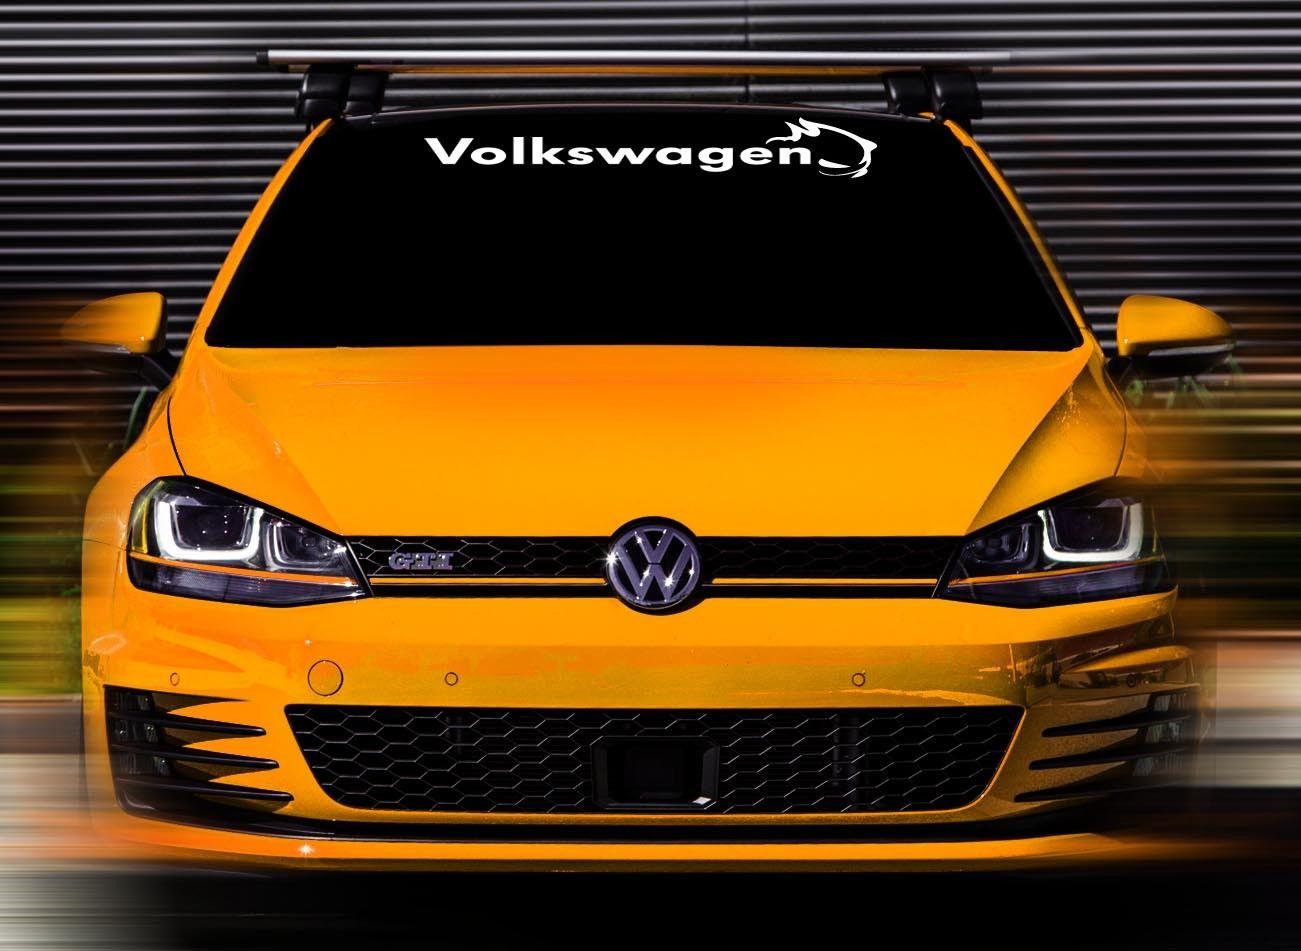 48 x4 5 new volkswagen gti white custom windshield decal sticker